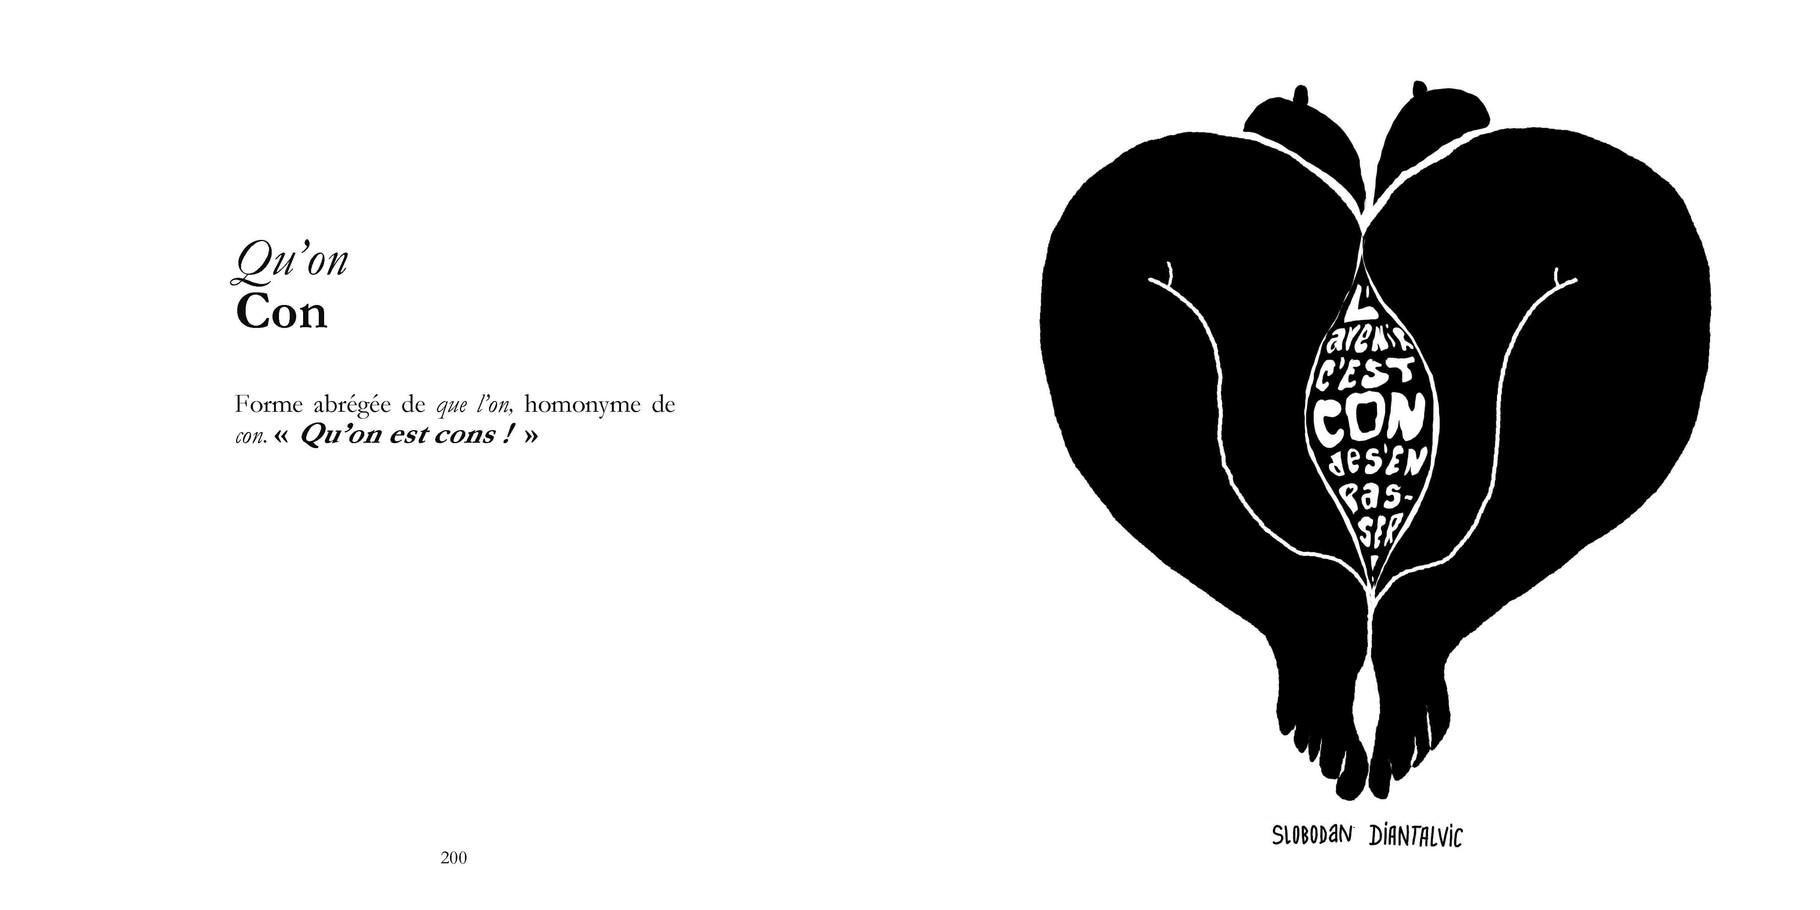 Qu'on - Con  / P 200-201 du Bestof2 -Texte Edith - Dessin Slobodan Diantalvic. Droits réservés - Reproduction interdite